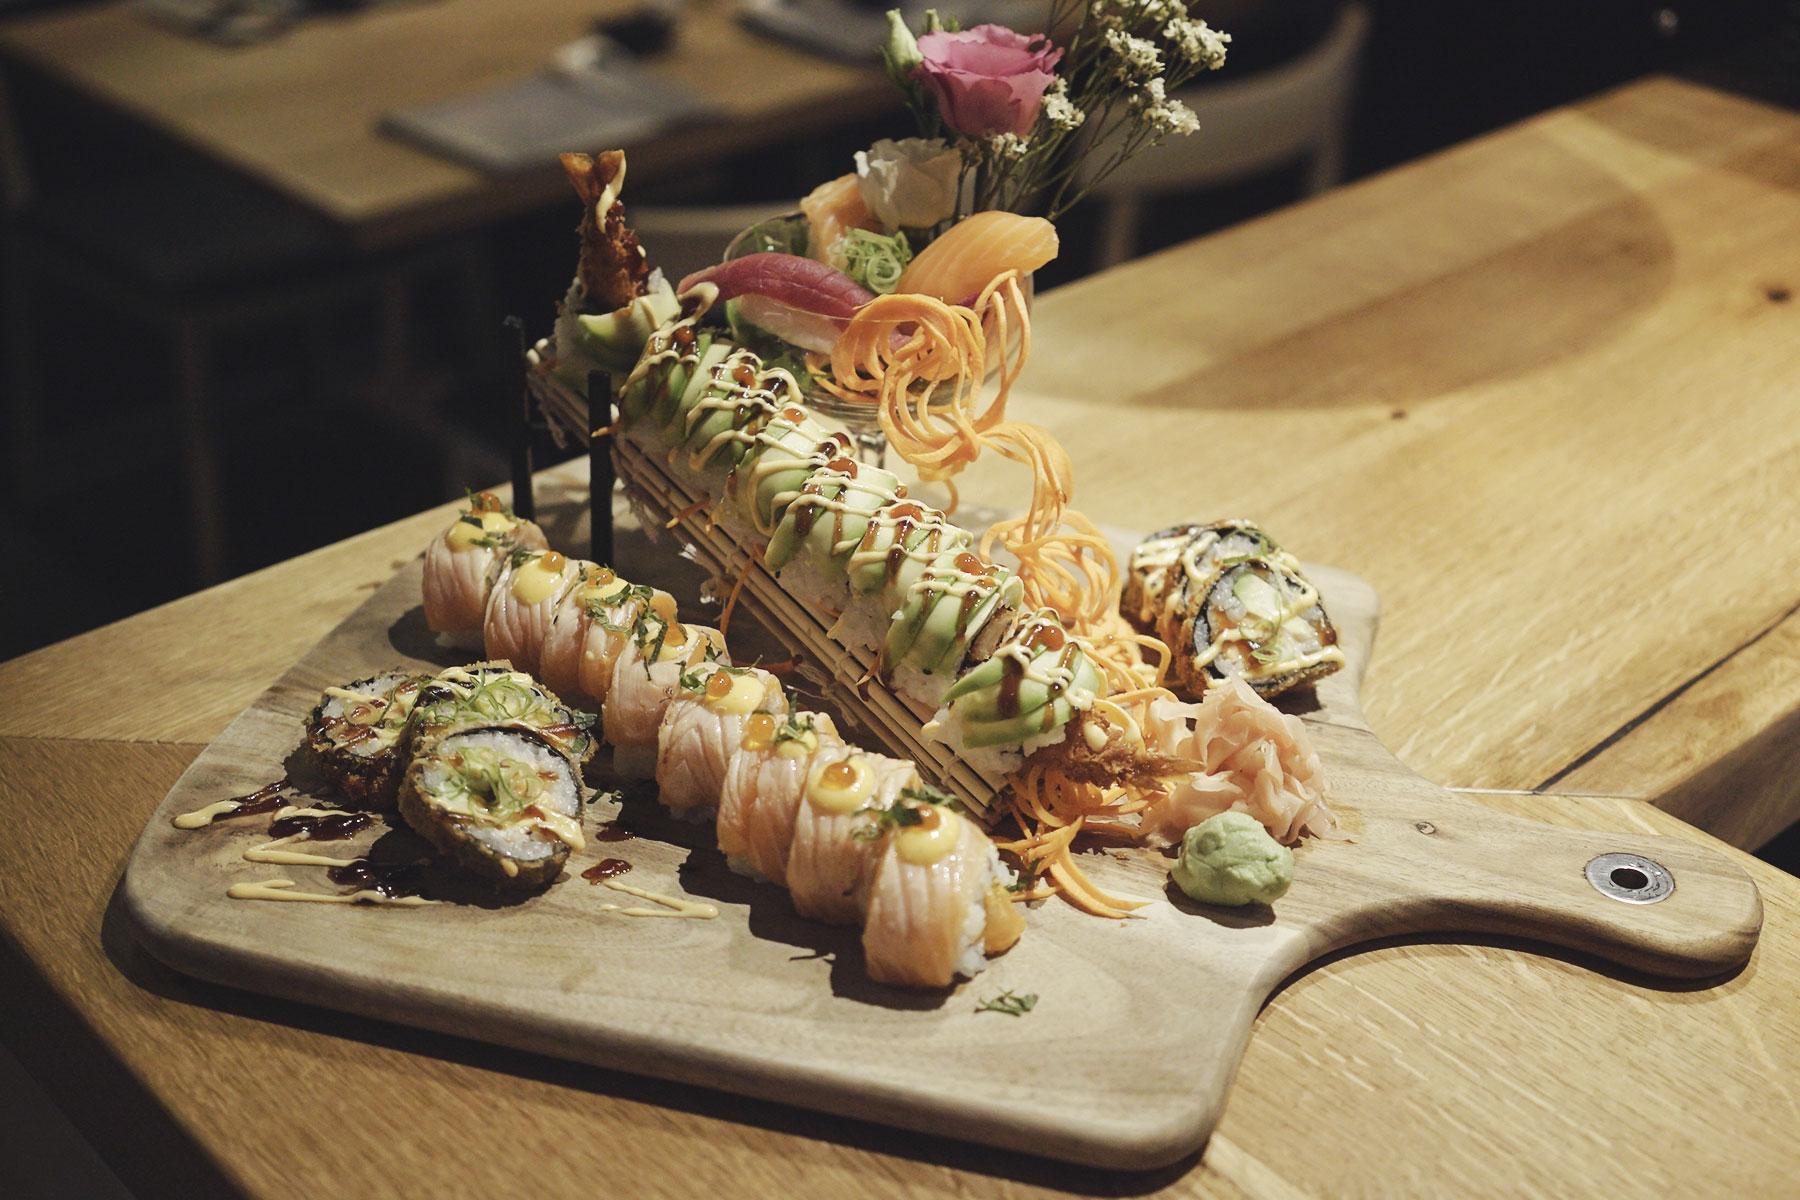 Geheimtipp Tipp Koeln Sushi Rahmen Nudeln Japanisch Asiatisch Essen gehen